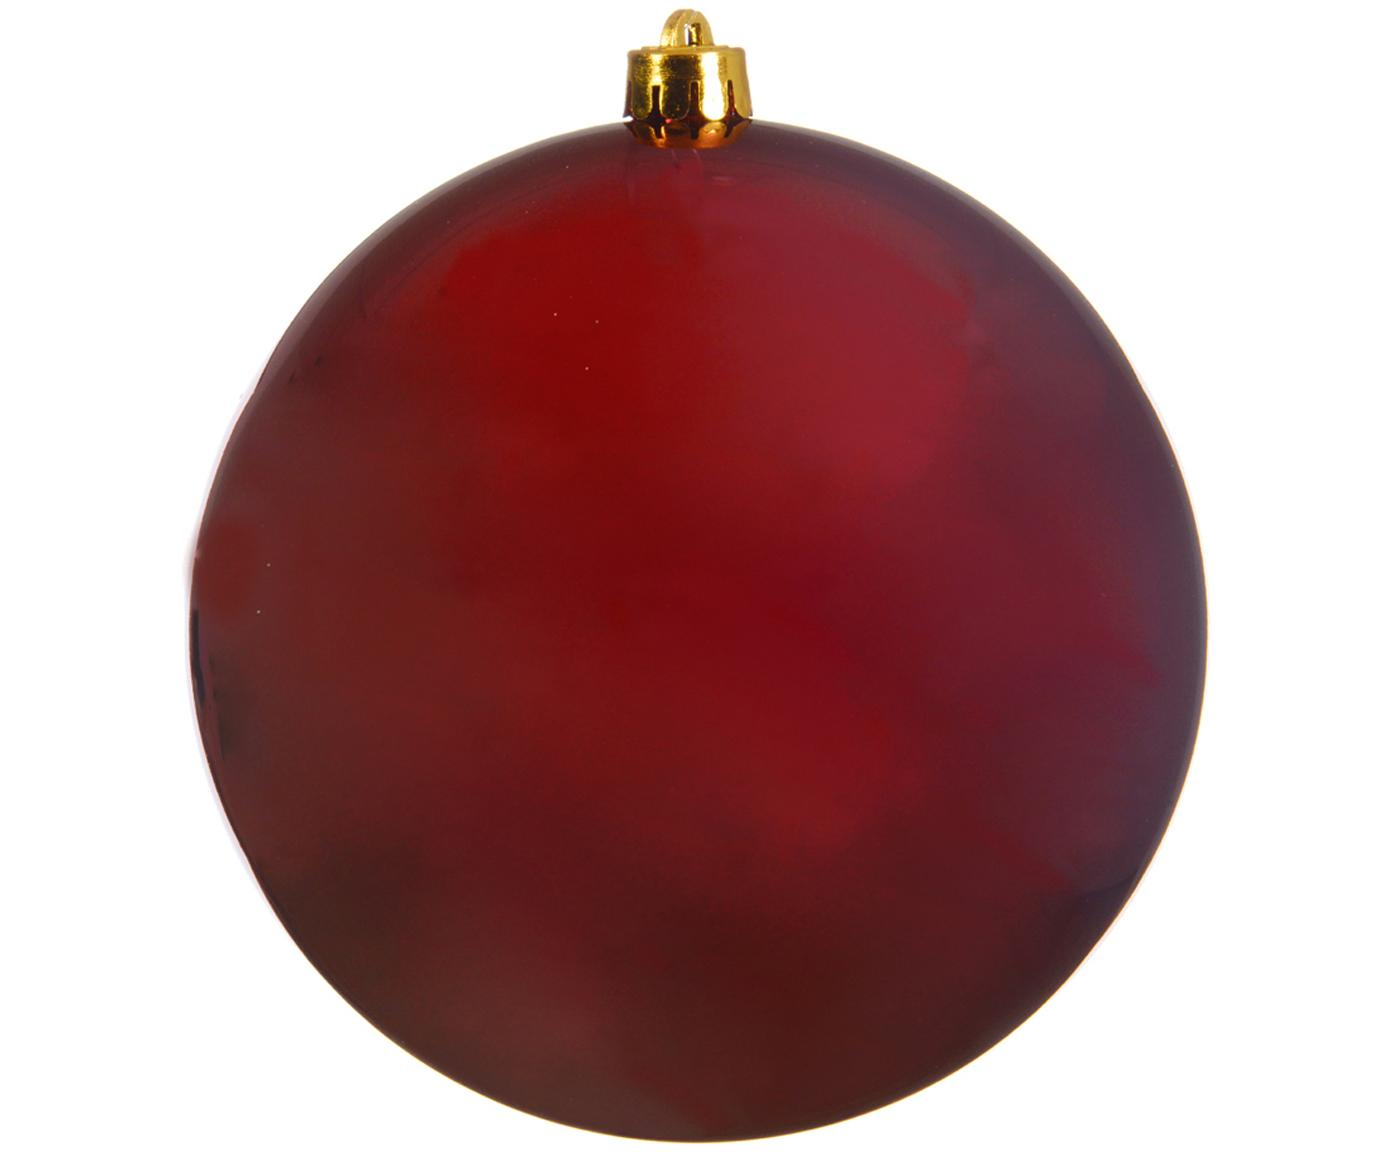 Palla di Natale Minstix, Materiale sintetico, Rosso, Ø 20 cm